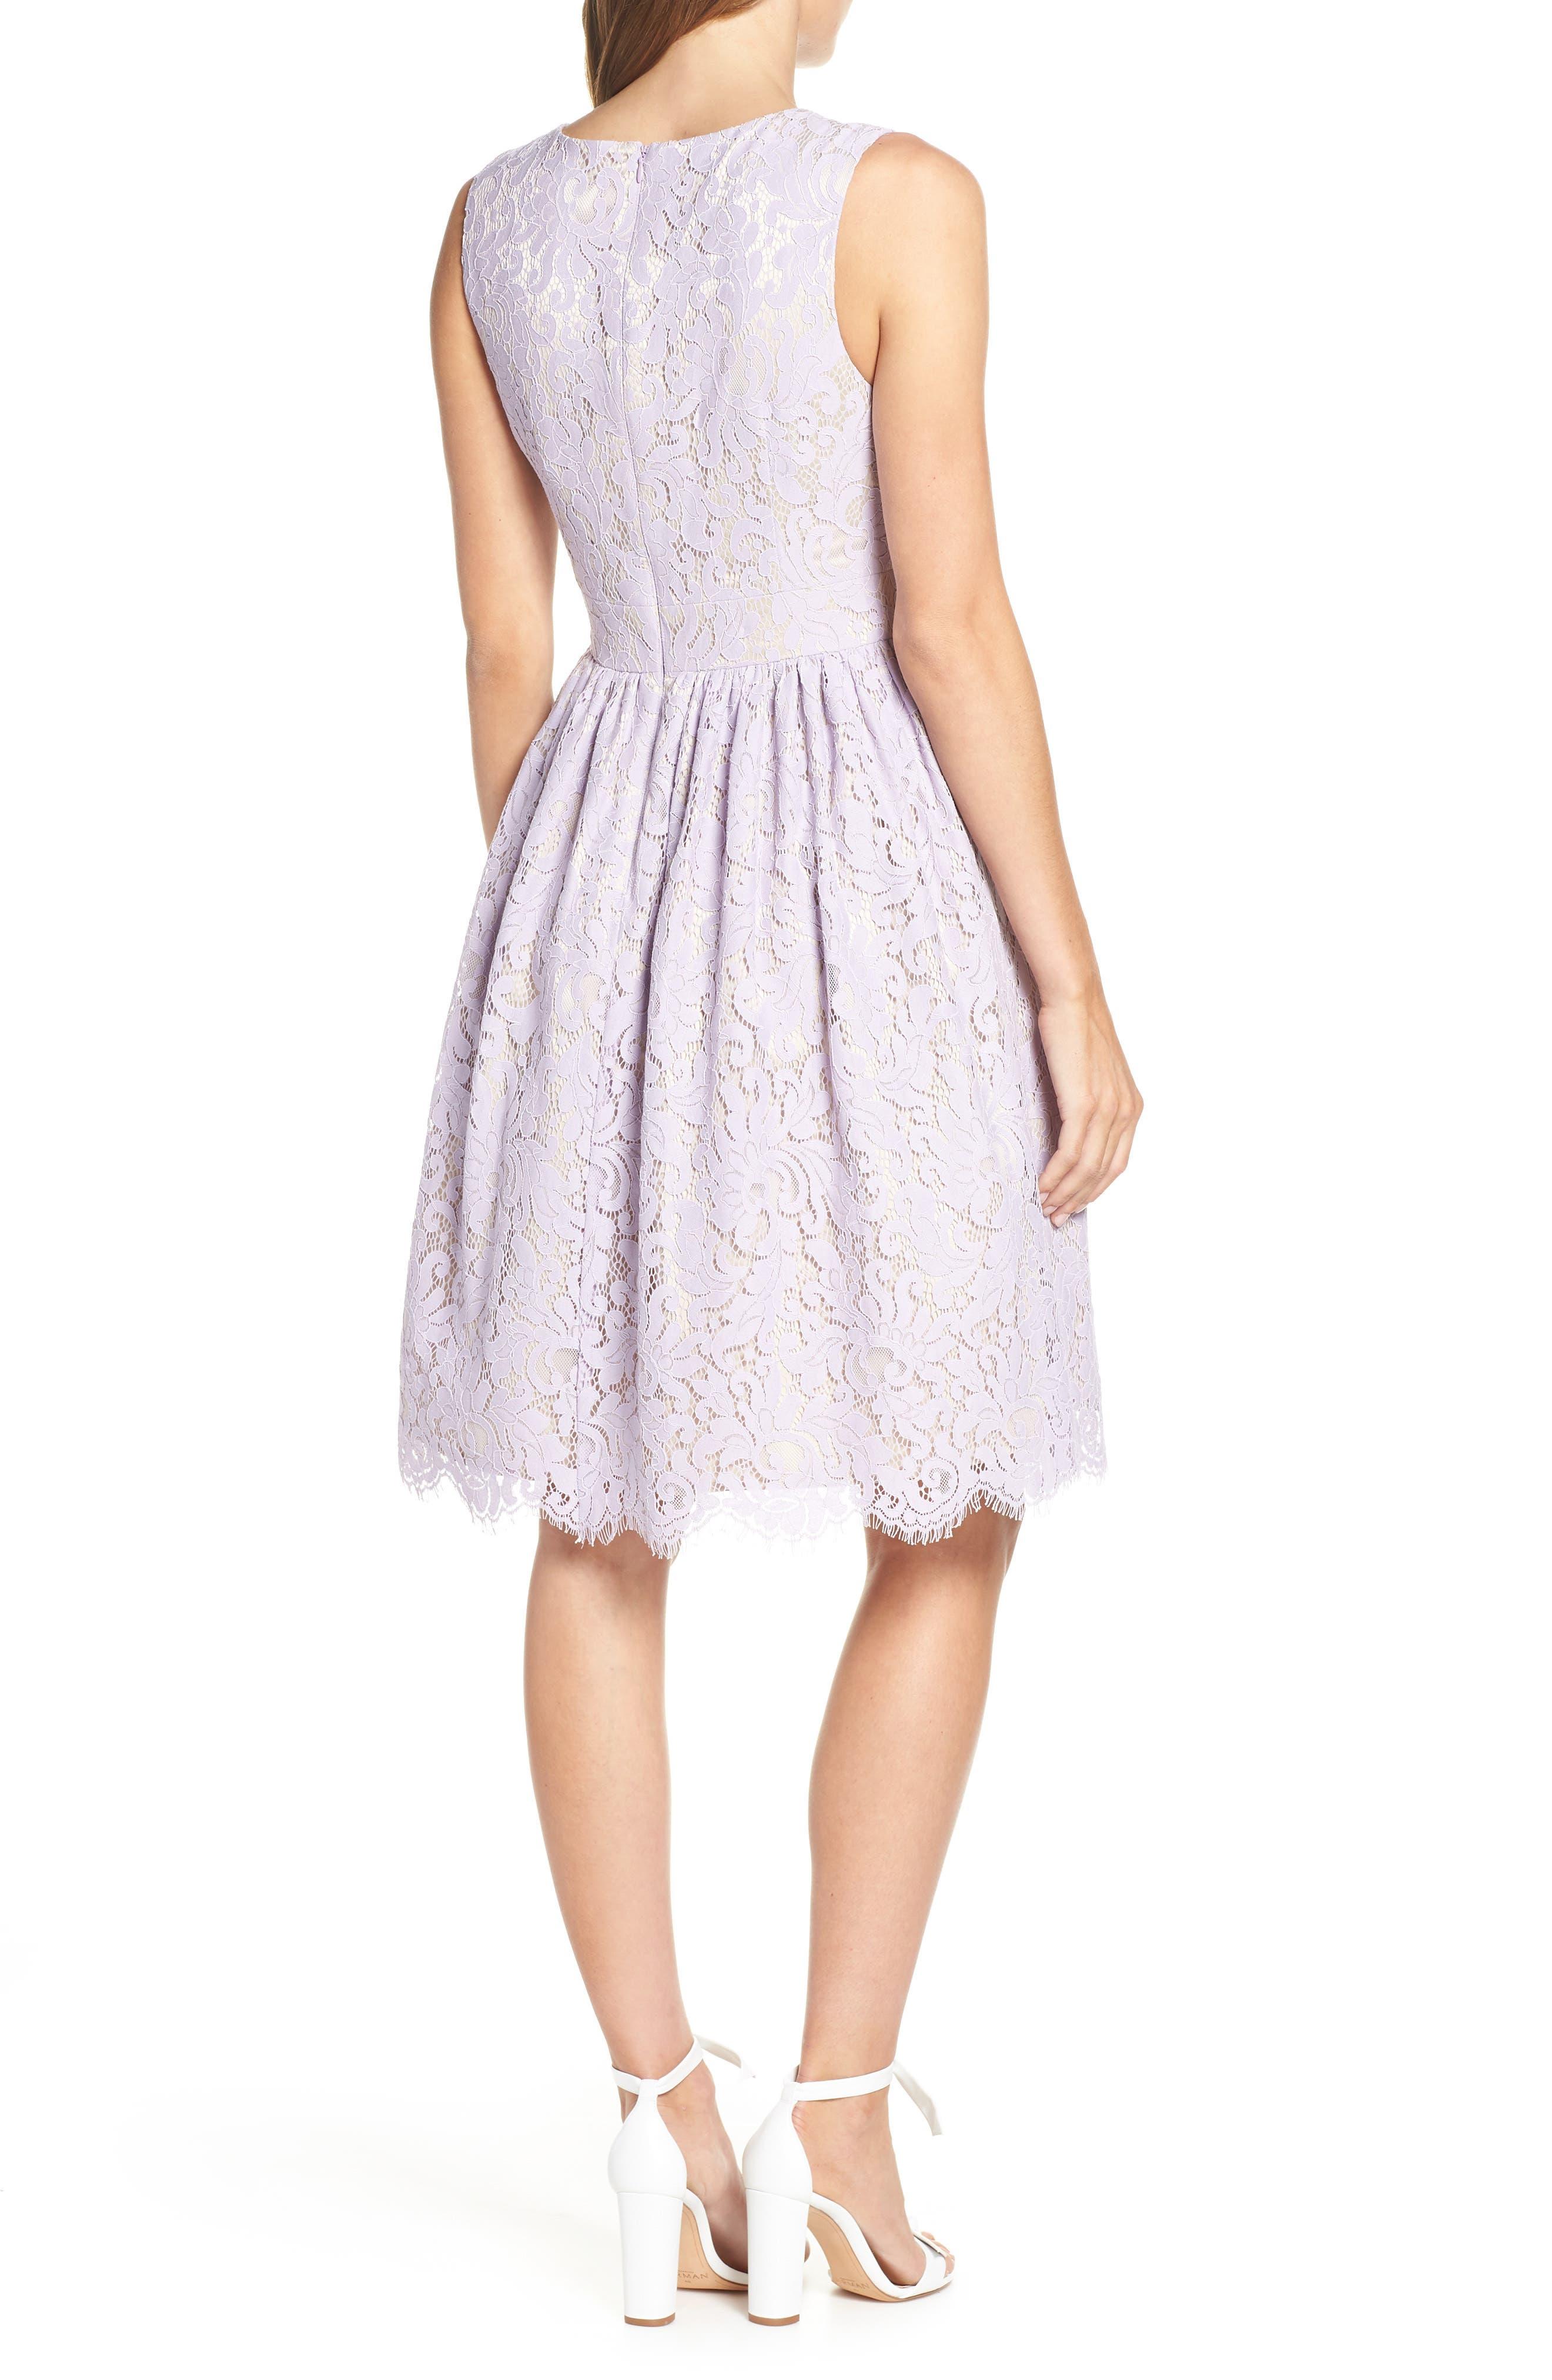 ELIZA J,                             Lace Fit & Flare Dress,                             Alternate thumbnail 2, color,                             LAVENDER